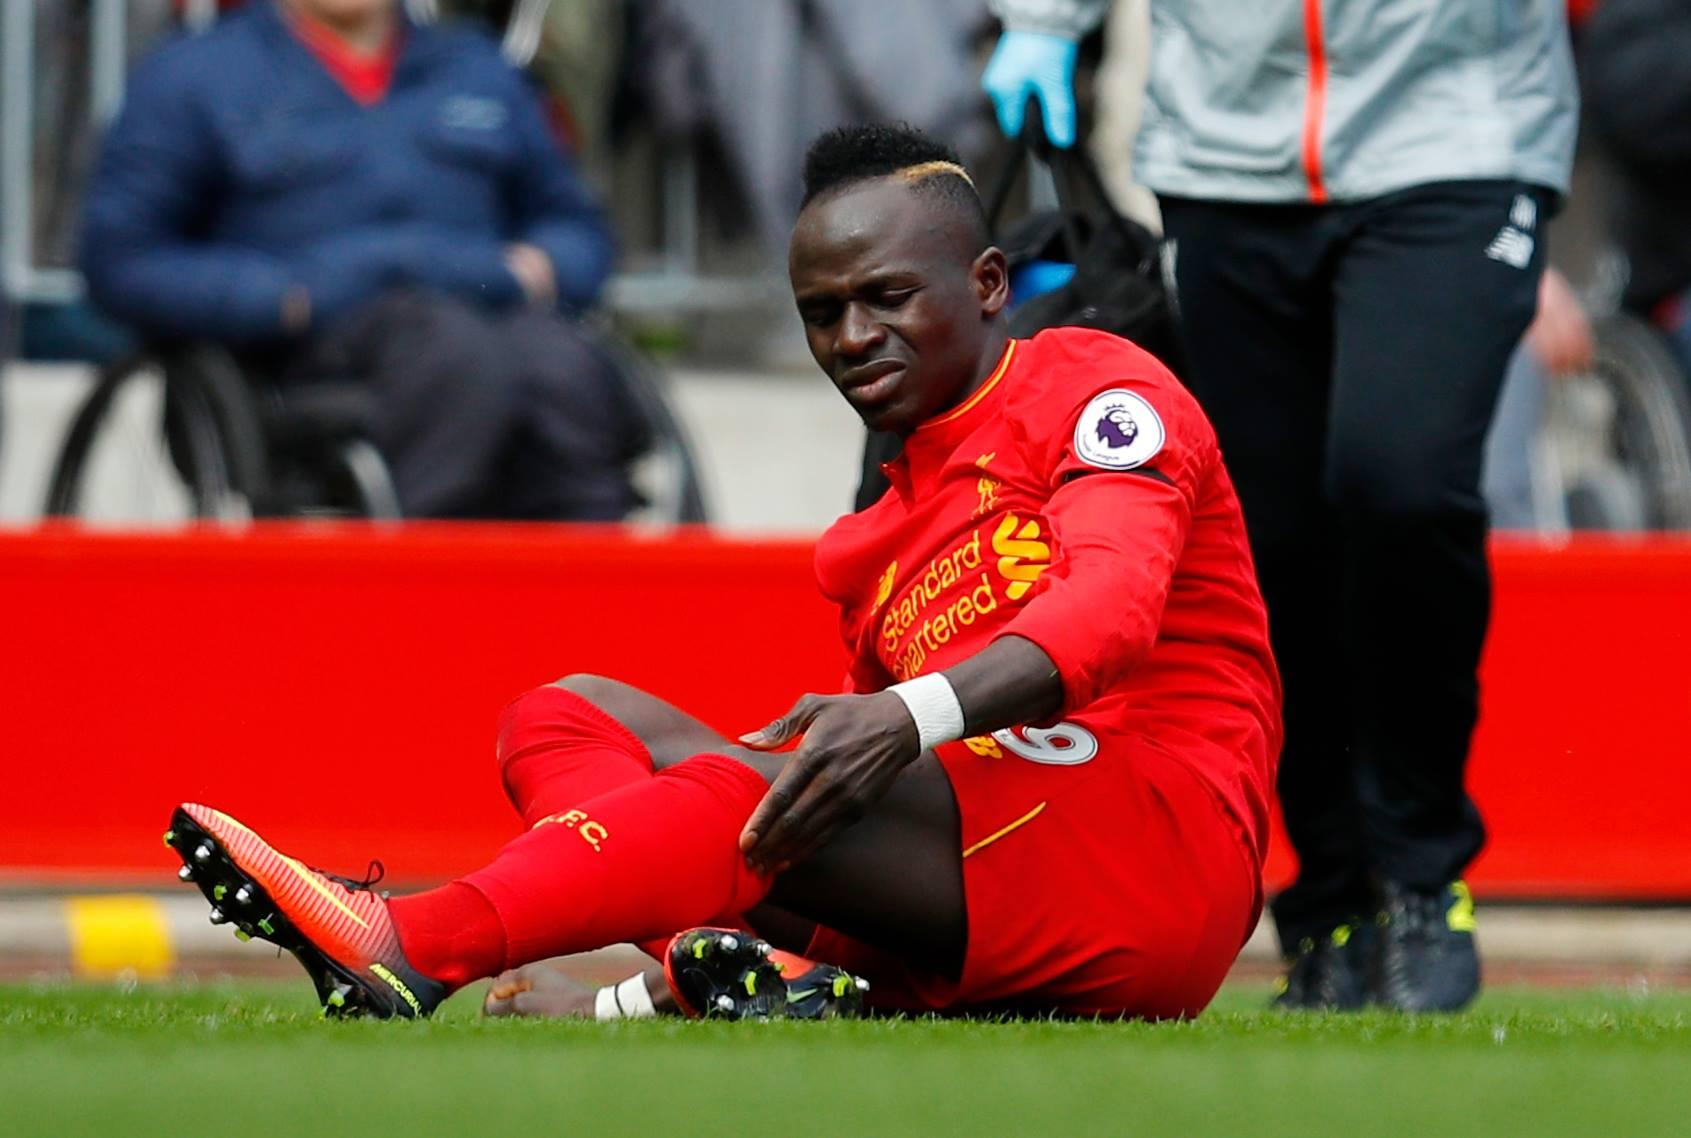 Liverpool : Fin de saison confirmée pour Sadio Mané